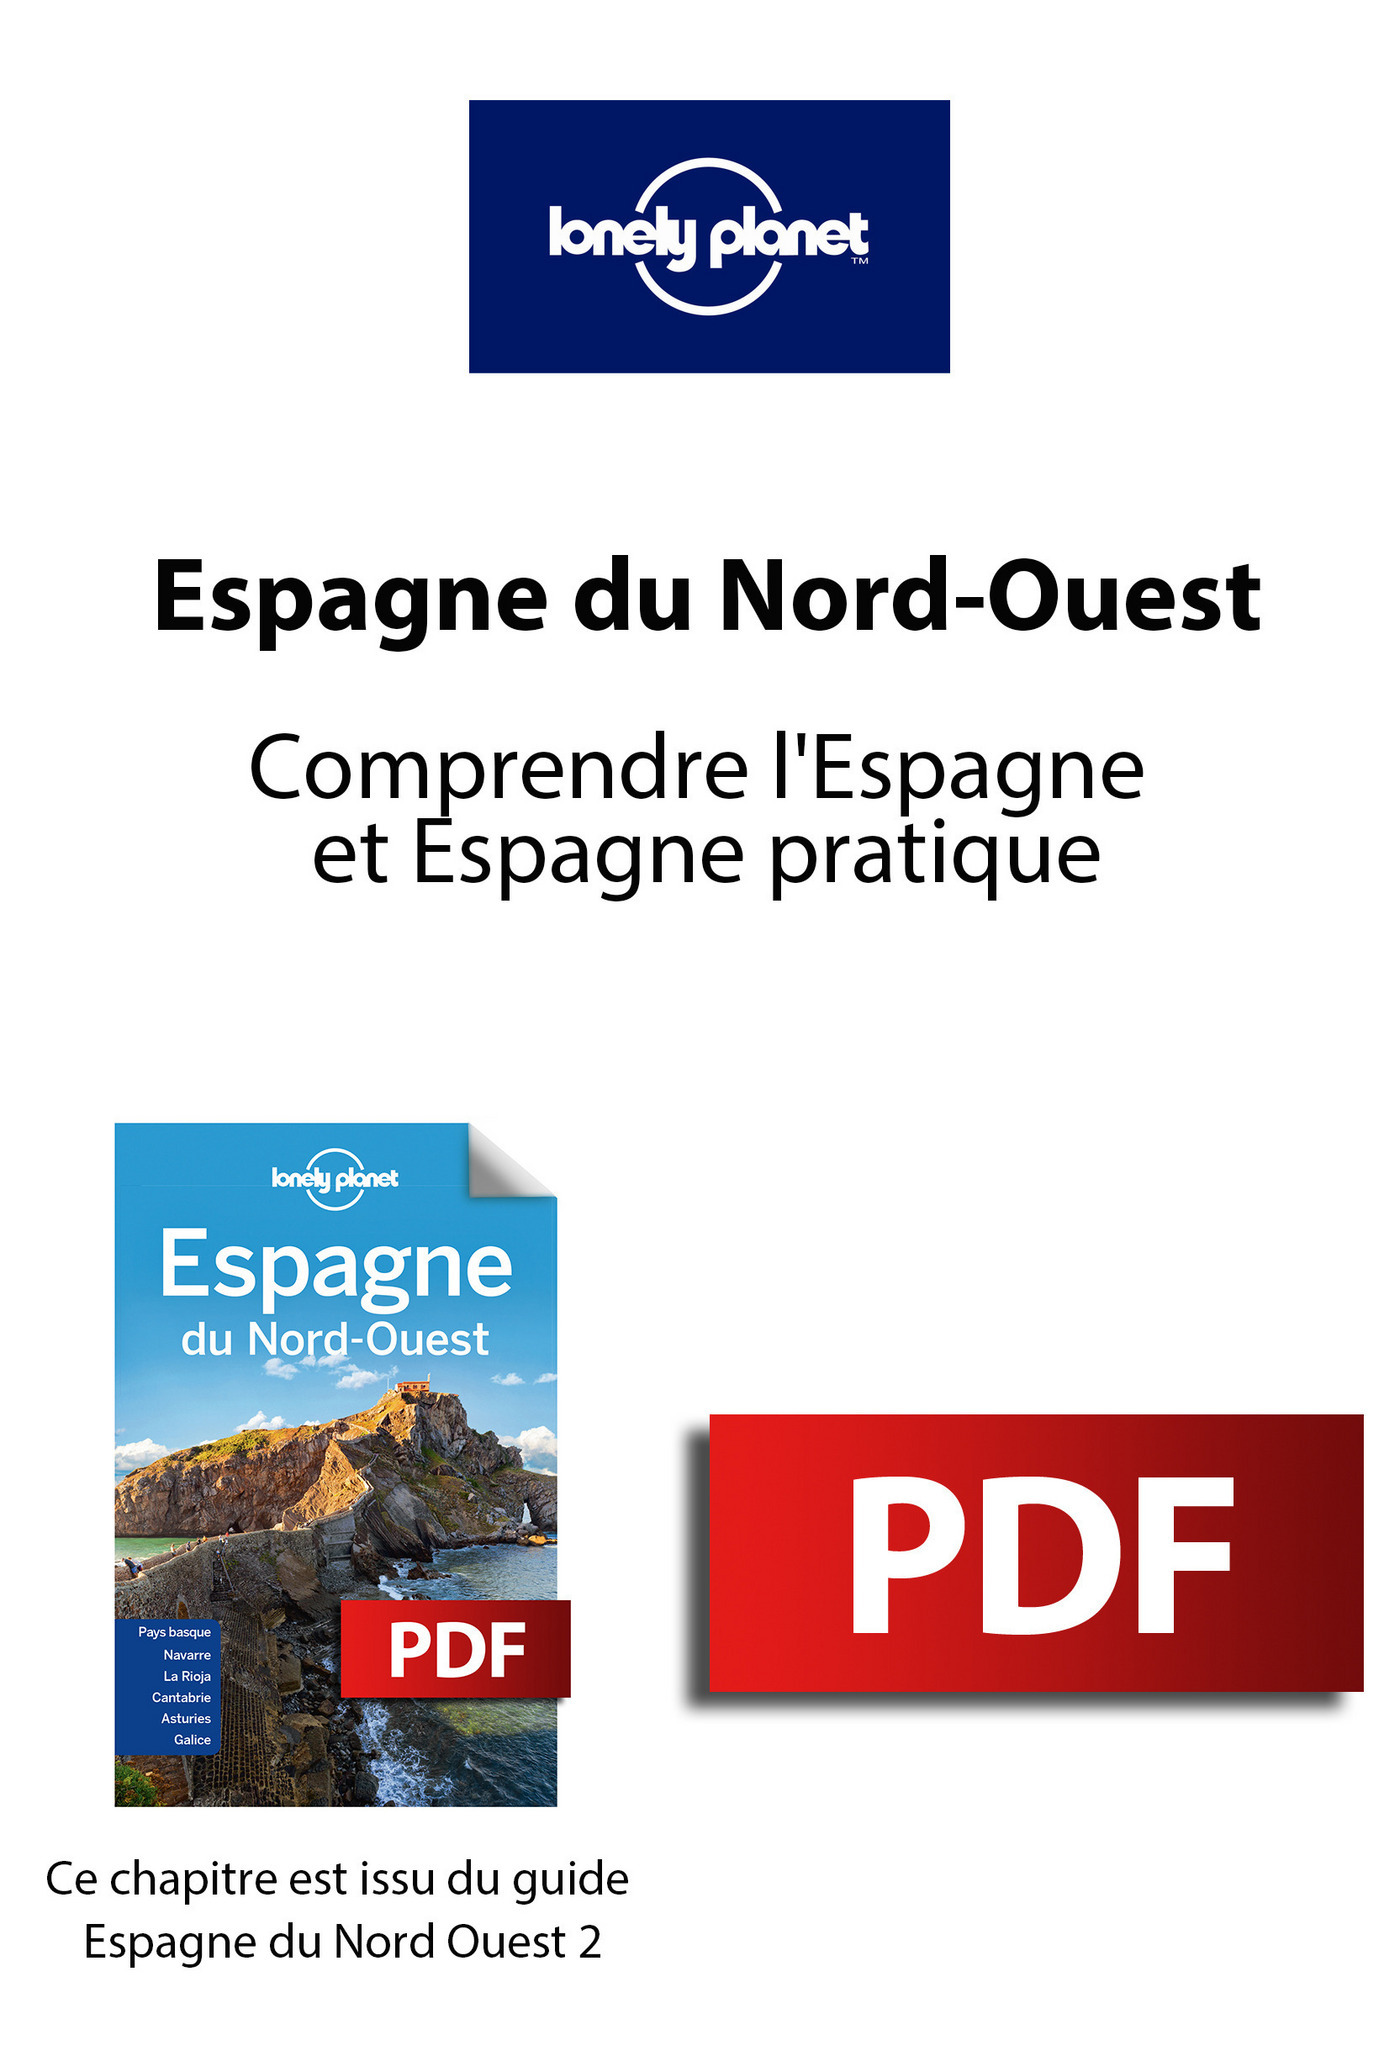 Espagne du Nord-Ouest - Comprendre l'Espagne et Espagne pratique